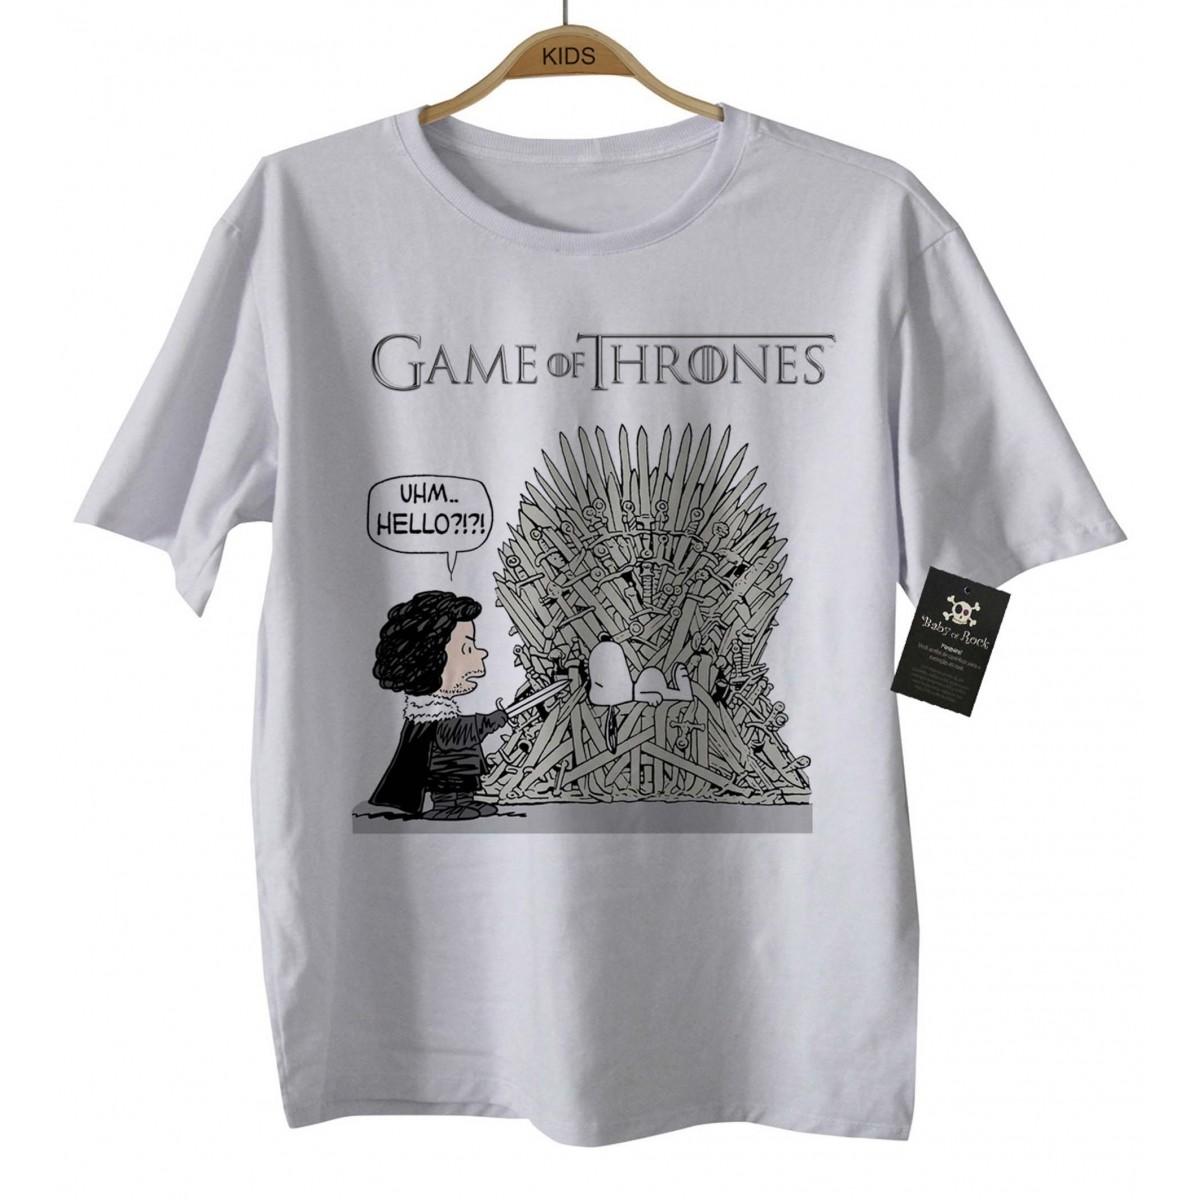 Camiseta de Filme - Infantil - Game of Thrones/Snoop - White  - Baby Monster - Body Bebe